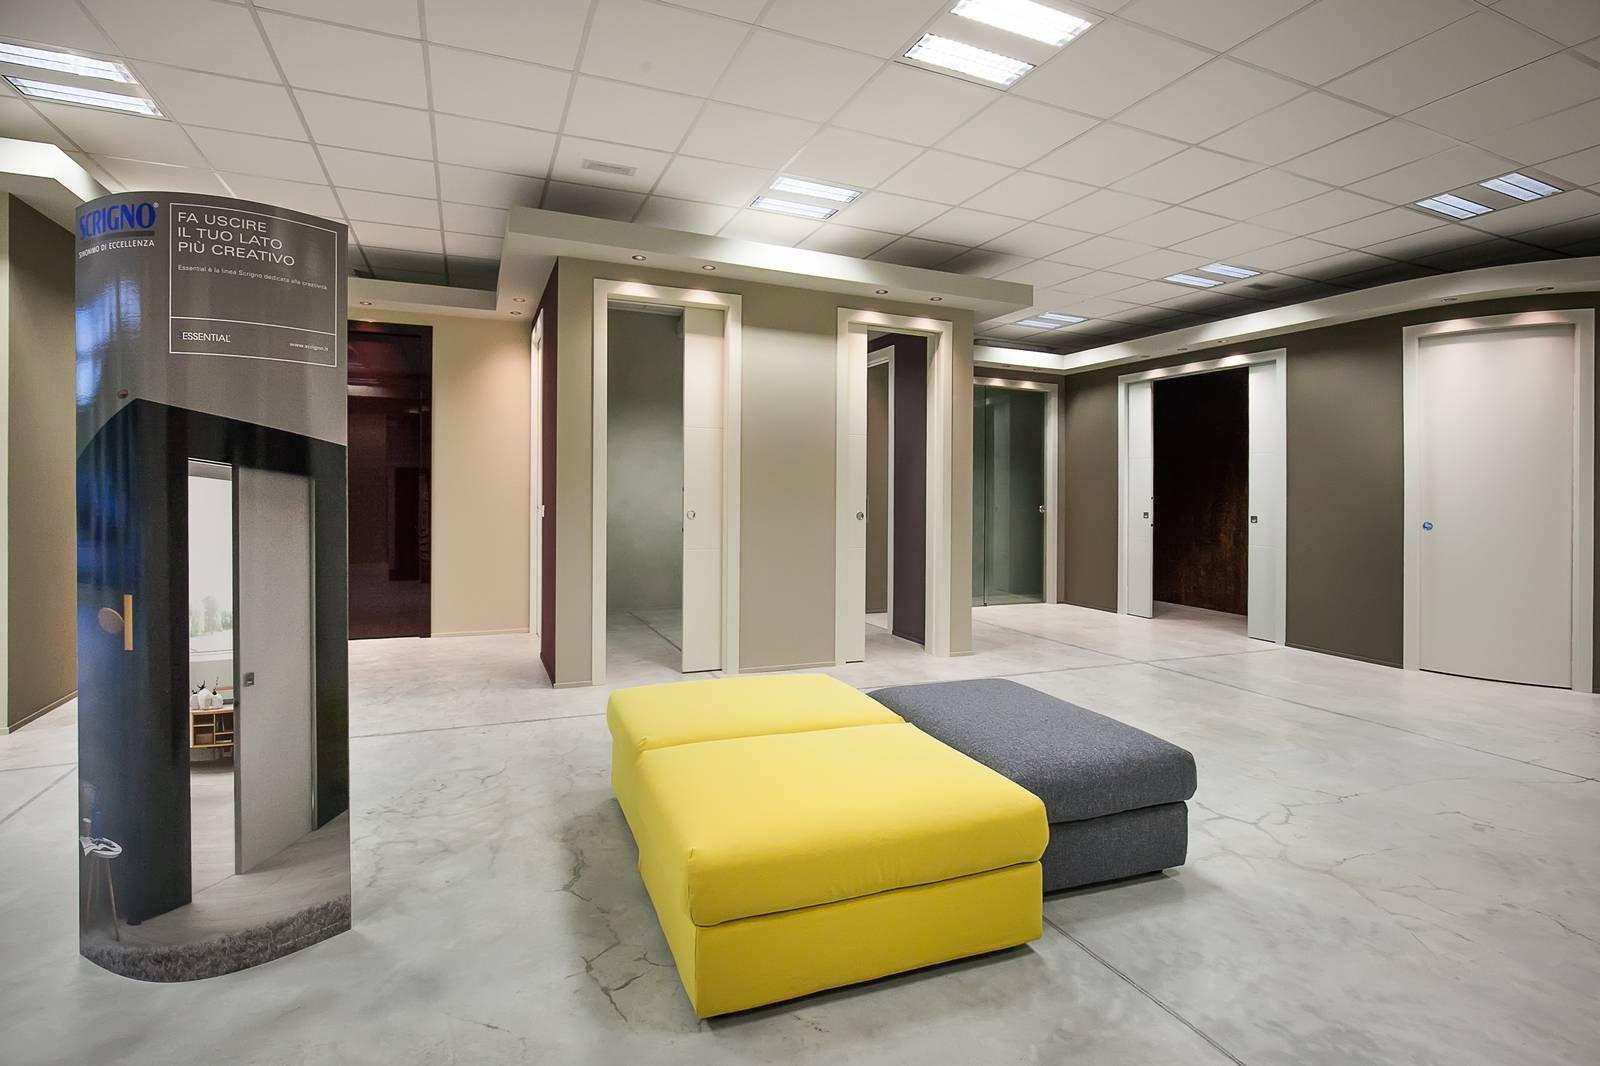 Inaugurato lo scrigno lab quattrocento metri quadrati di for Quattro piani di casa quadrati